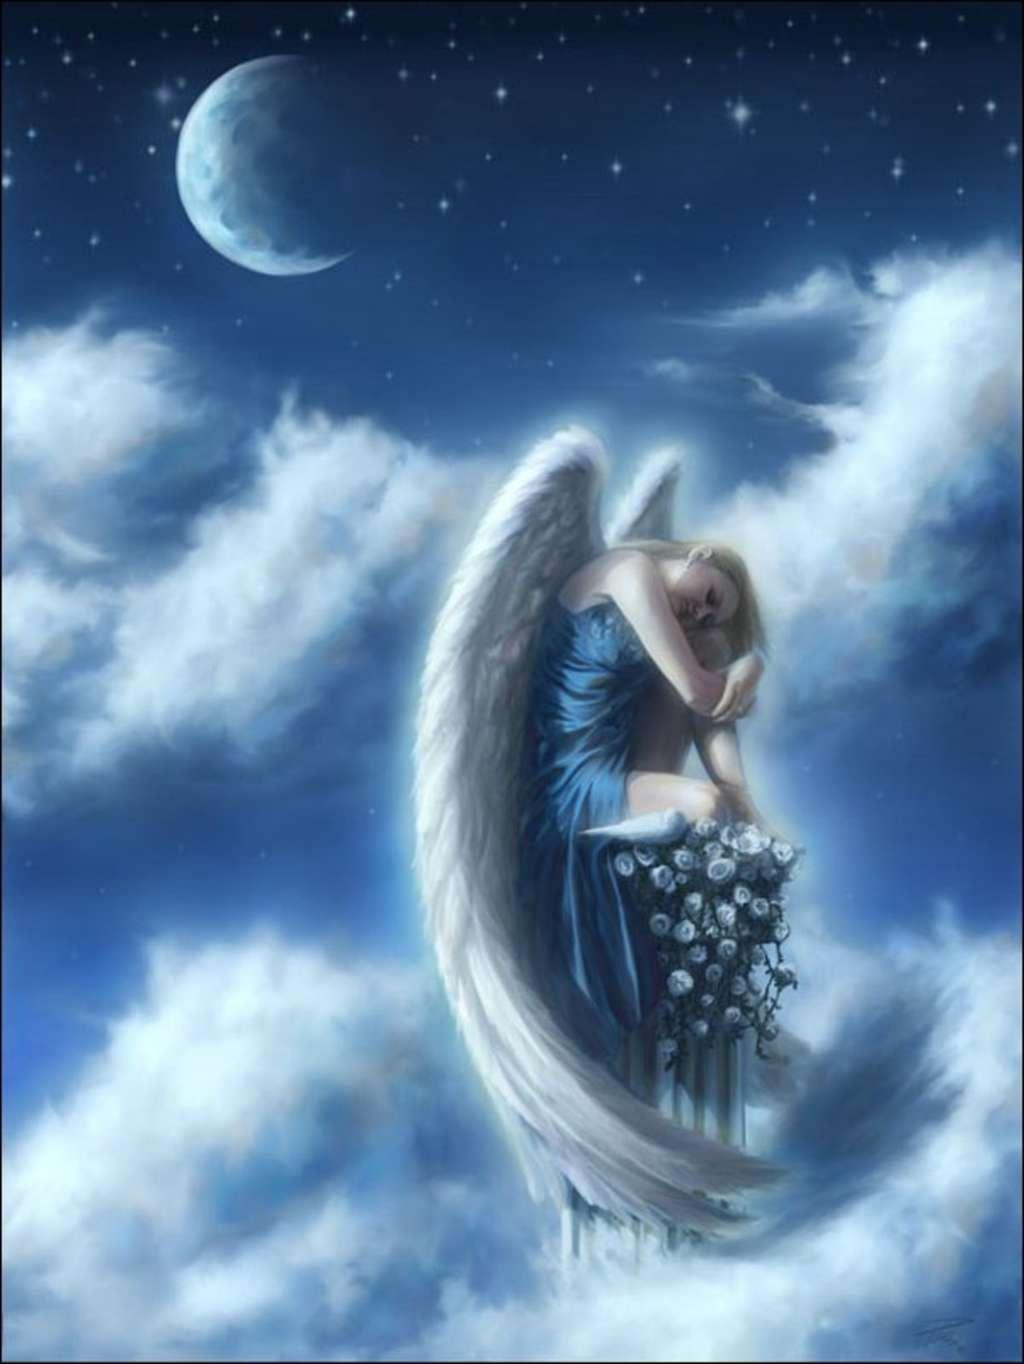 картинки с ангелами на ночь уже битком